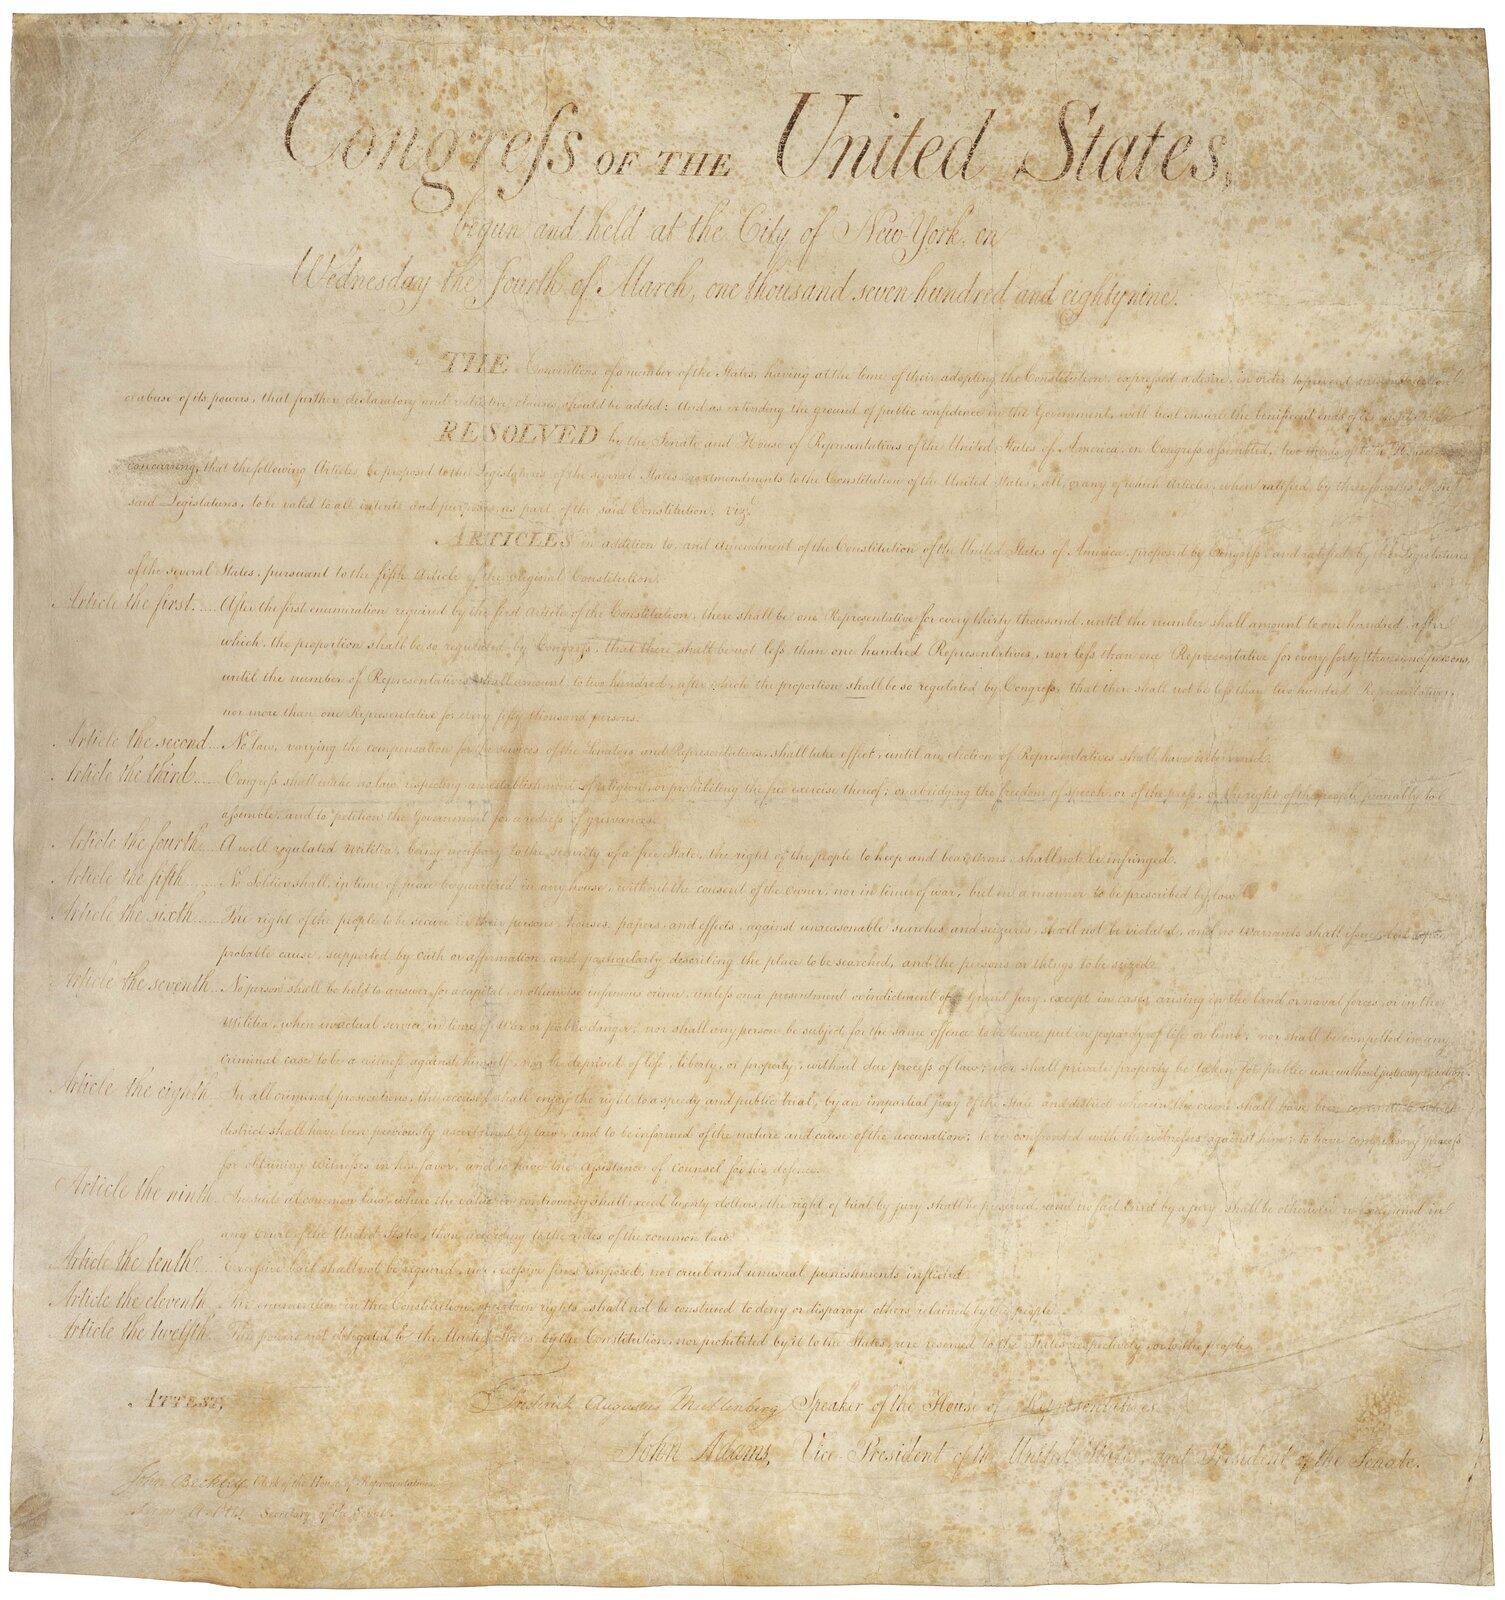 Karta Praw StanówZjednoczonych z1789 r. Dziesięć pierwszych poprawek do Konstytucji USA. Karta Praw StanówZjednoczonych z1789 r. Dziesięć pierwszych poprawek do Konstytucji USA. Źródło: National Archives and Records Administration, domena publiczna.